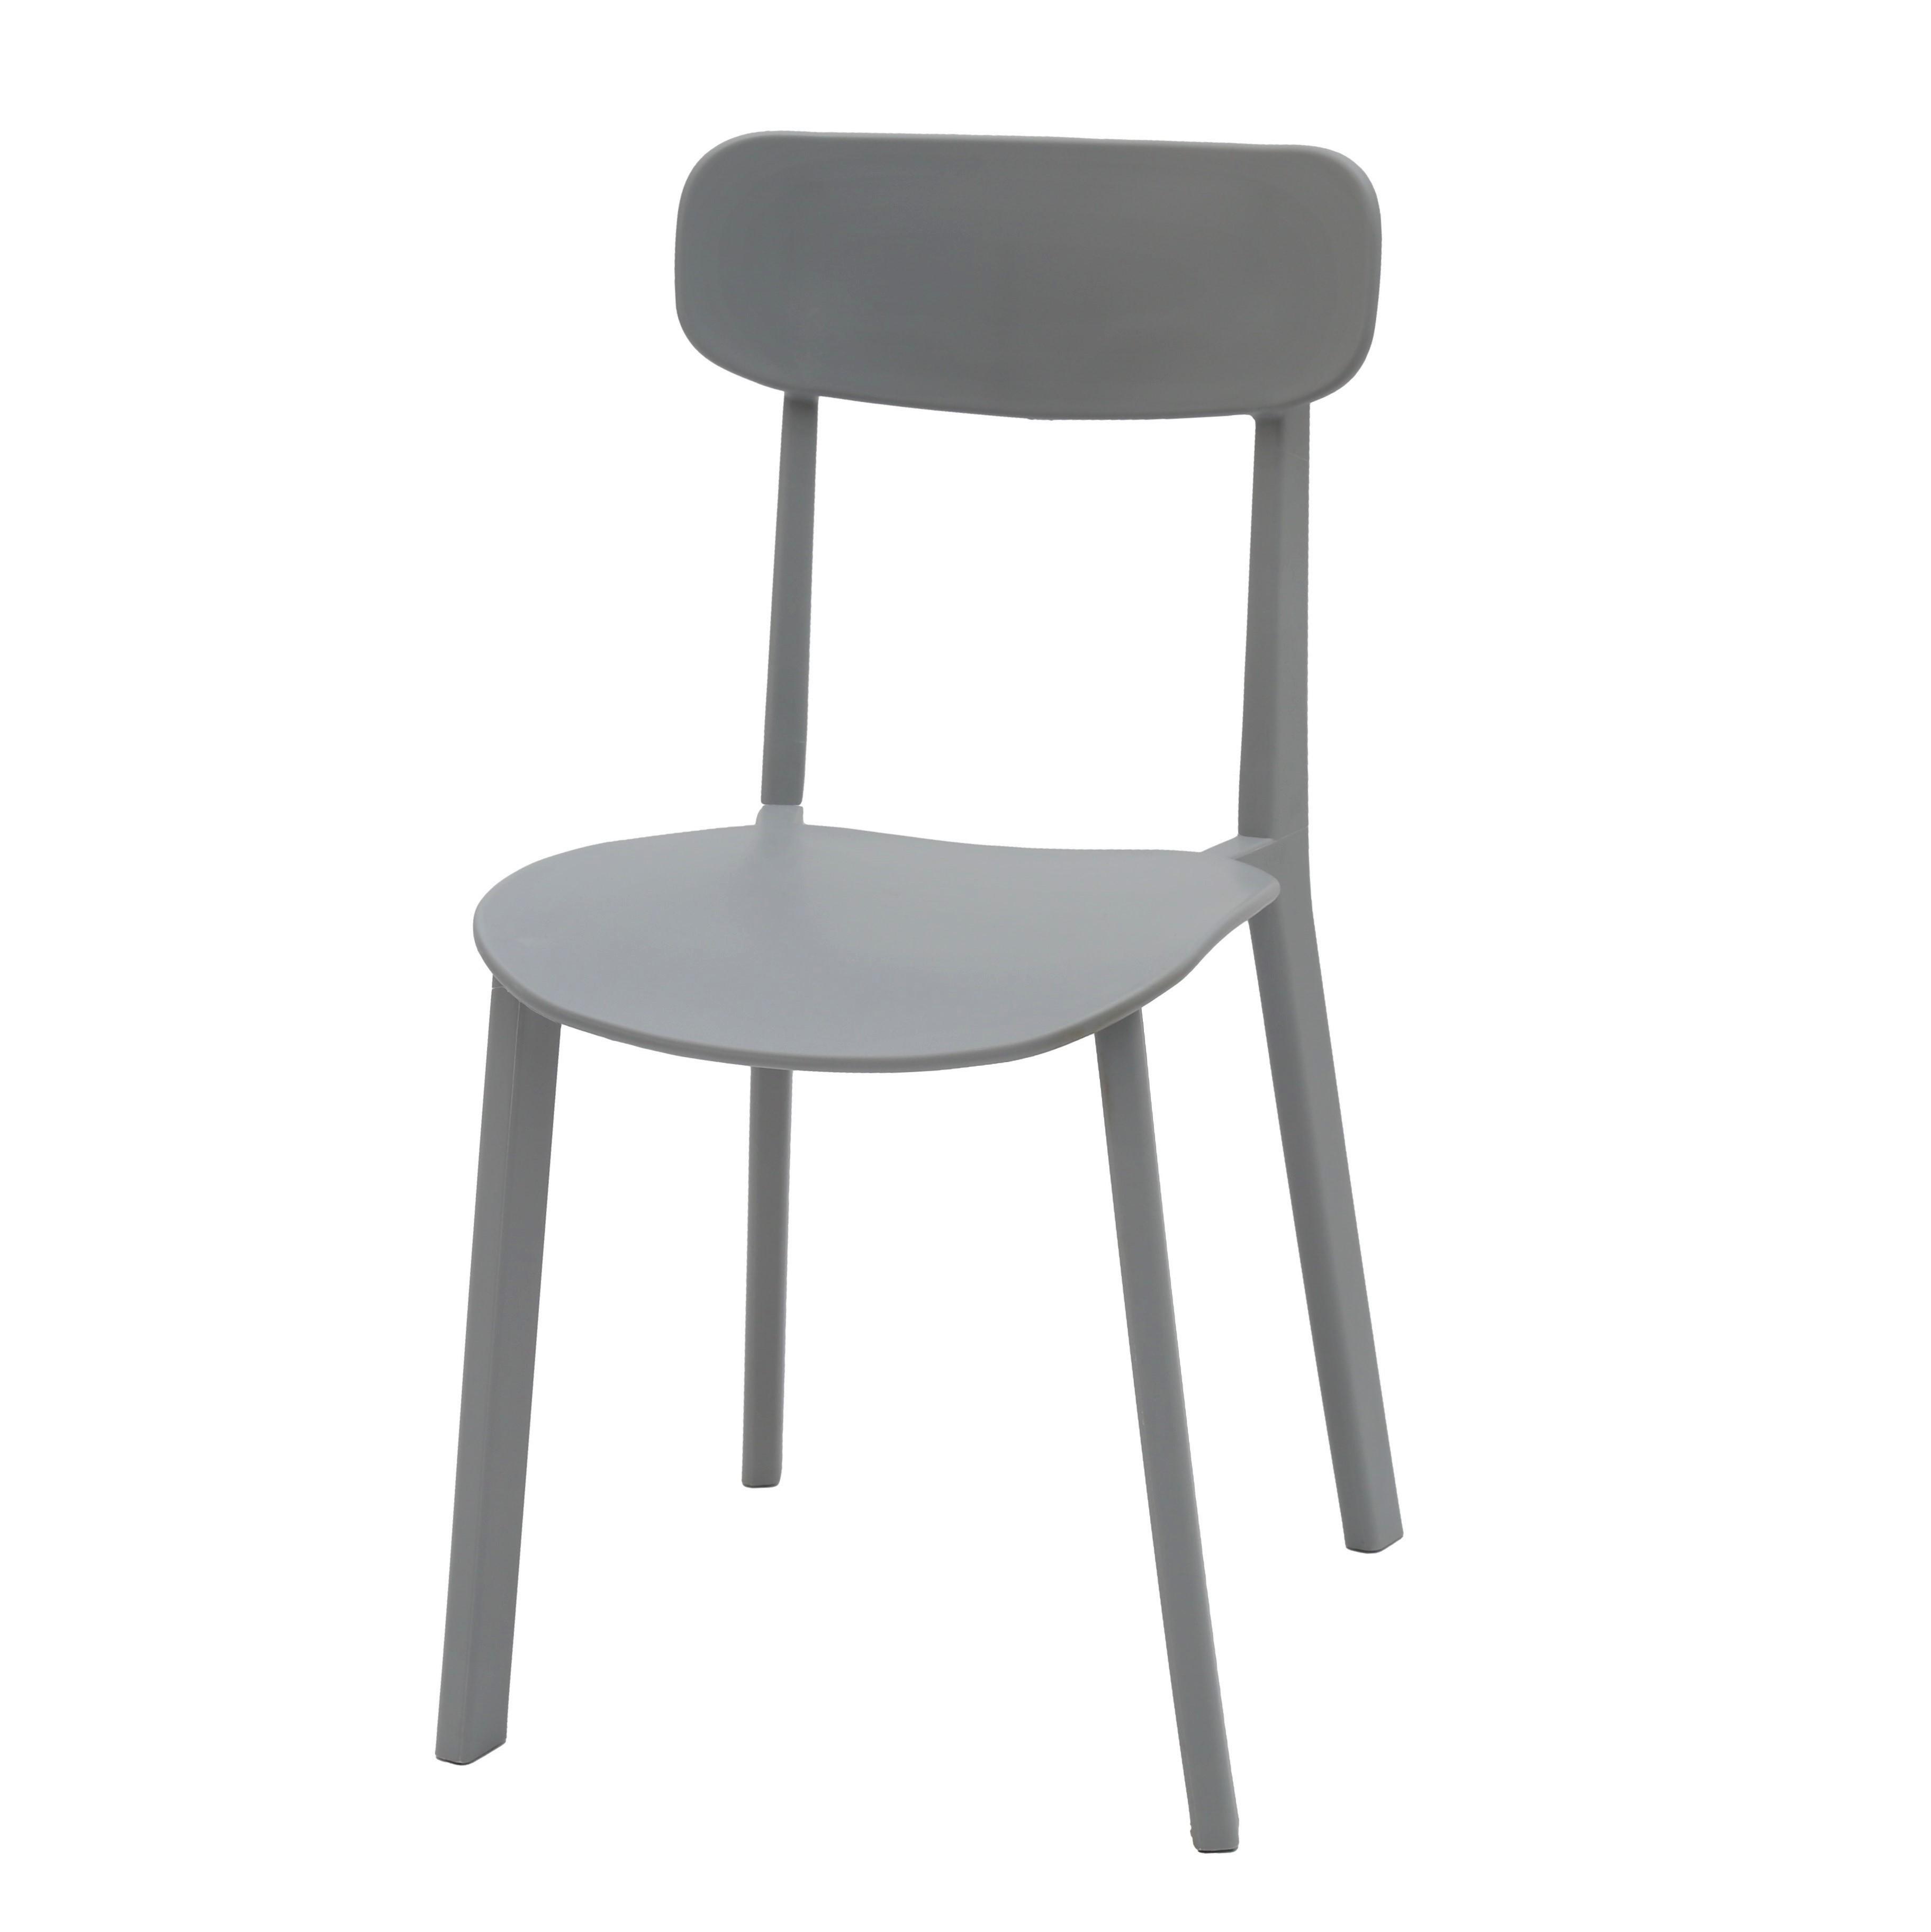 Sedia Moderna in Polipropilene Colore Grigio 4 Pezzi (disponibile anche in  altri colori)